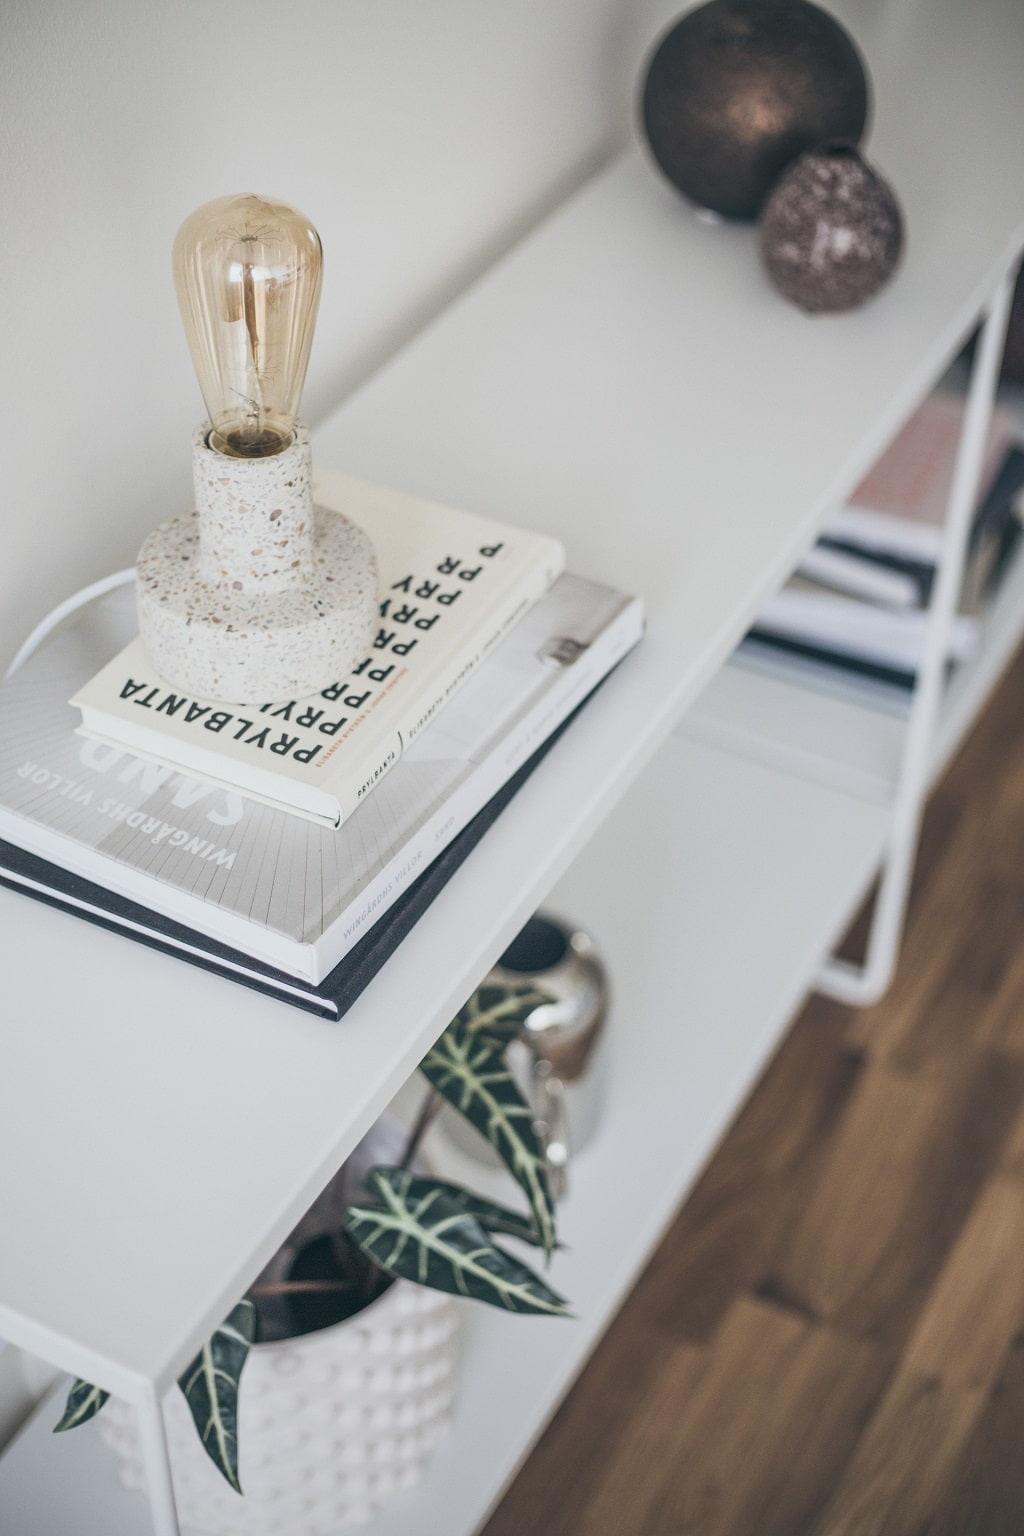 Närbild på sidobord med magasin, vaser och en lampa